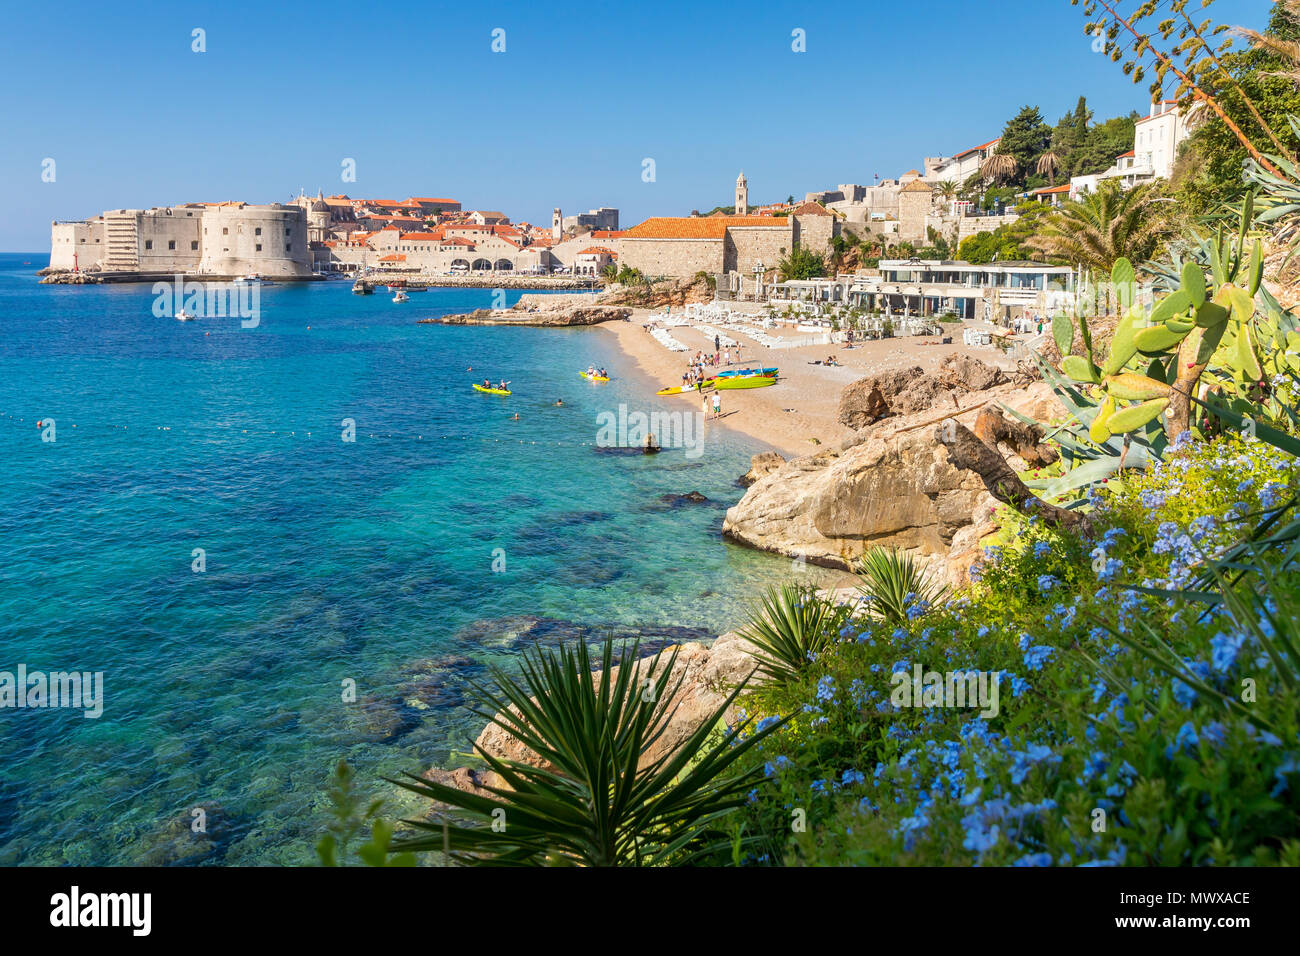 Blick über Strand Banje und die Altstadt von Dubrovnik im Hintergrund, Kroatien, Europa Stockbild